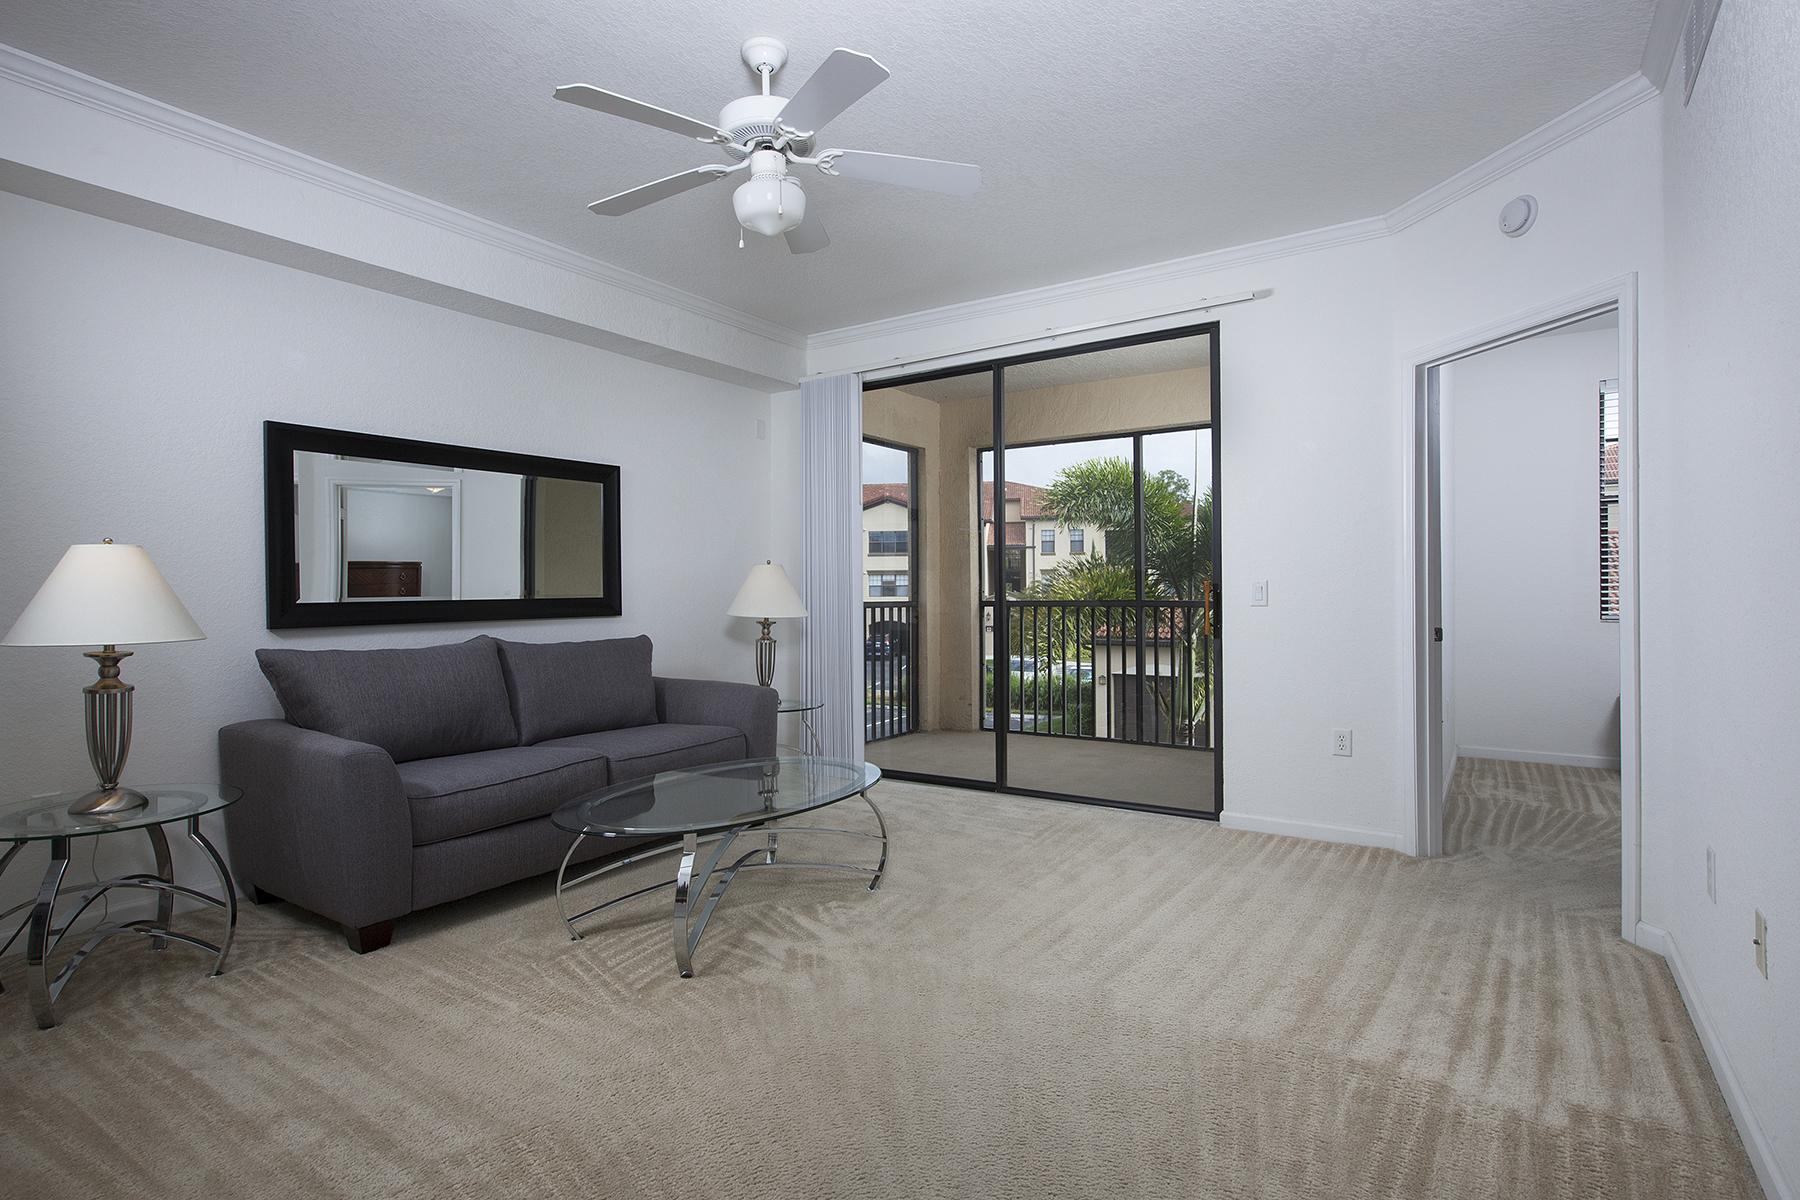 Condomínio para Venda às POSITANO PLACE 12960 Positano Cir 207 Naples, Florida, 34105 Estados Unidos